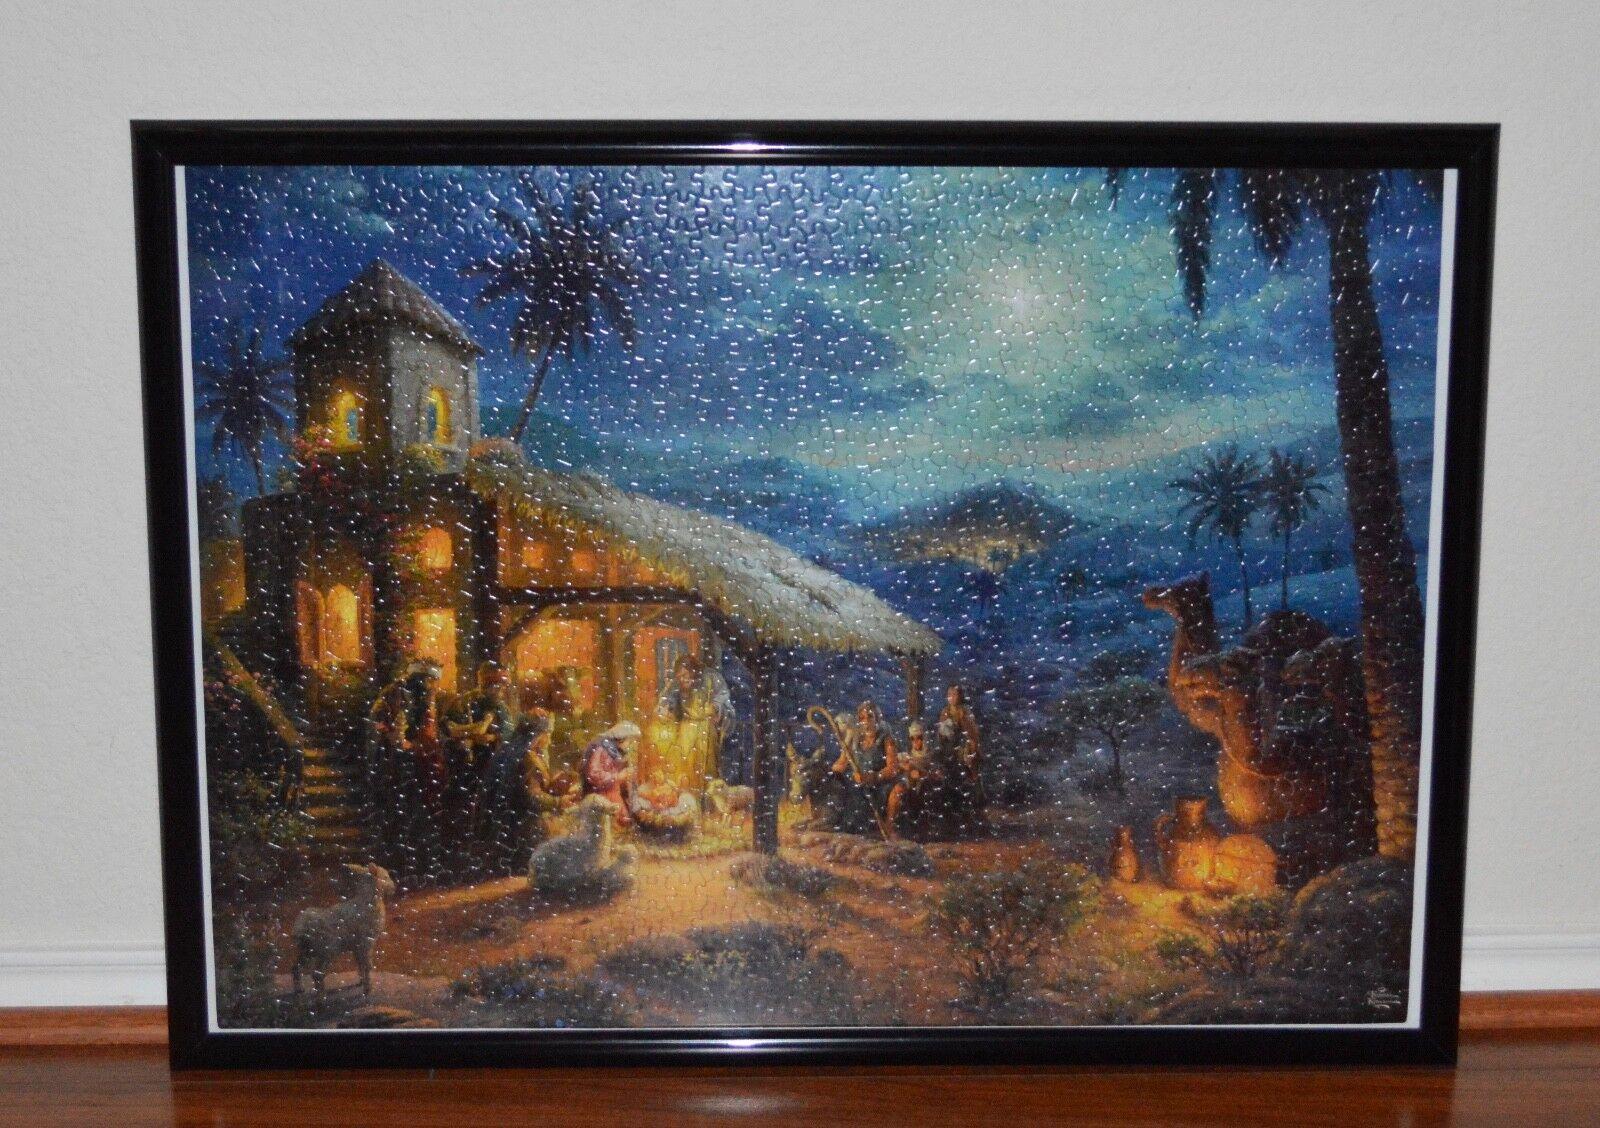 Thomas Kinkade The Nativity 1,000 Pieces Jigsaw pussel Sammanställd med ny ram